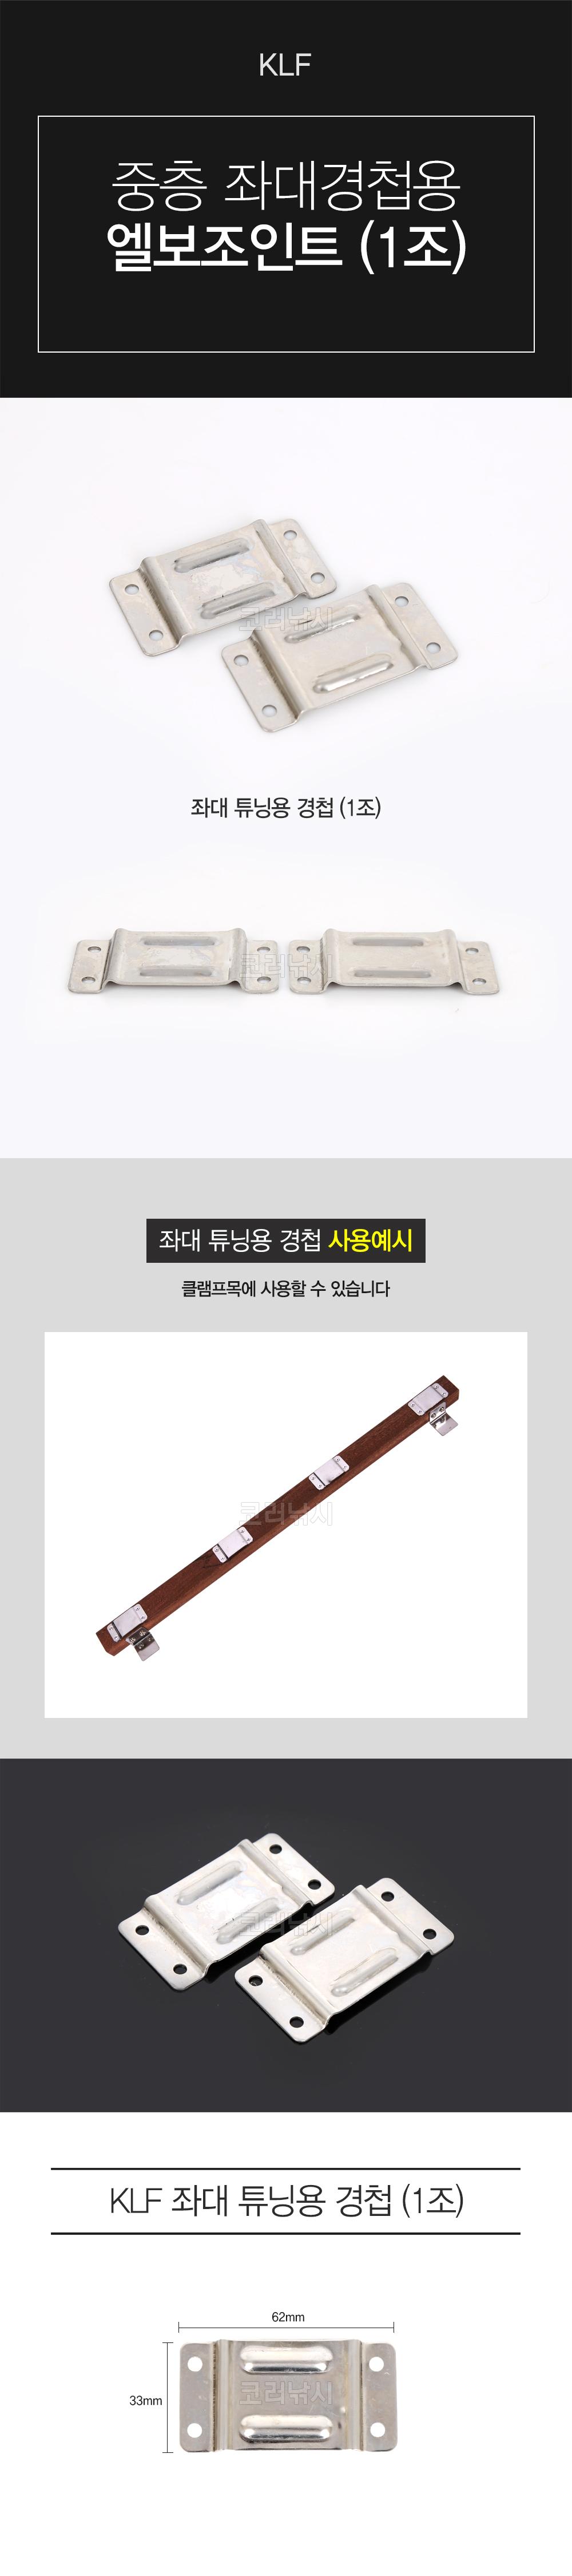 KLF 좌대튜닝용 경첩 (1조) 받침틀부품 받침틀튜닝부품 민물부품 민물낚시부품